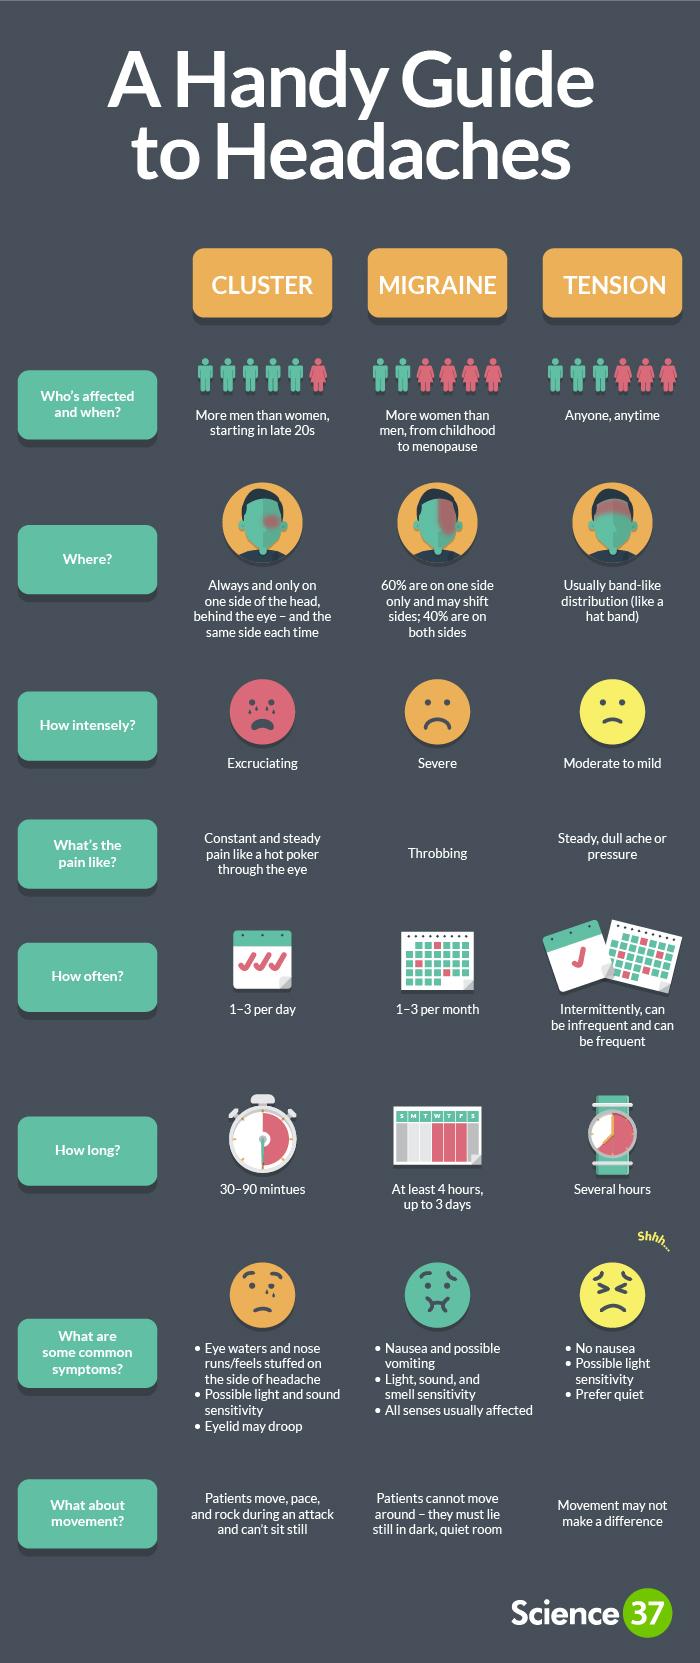 A Handy Guide to Headaches